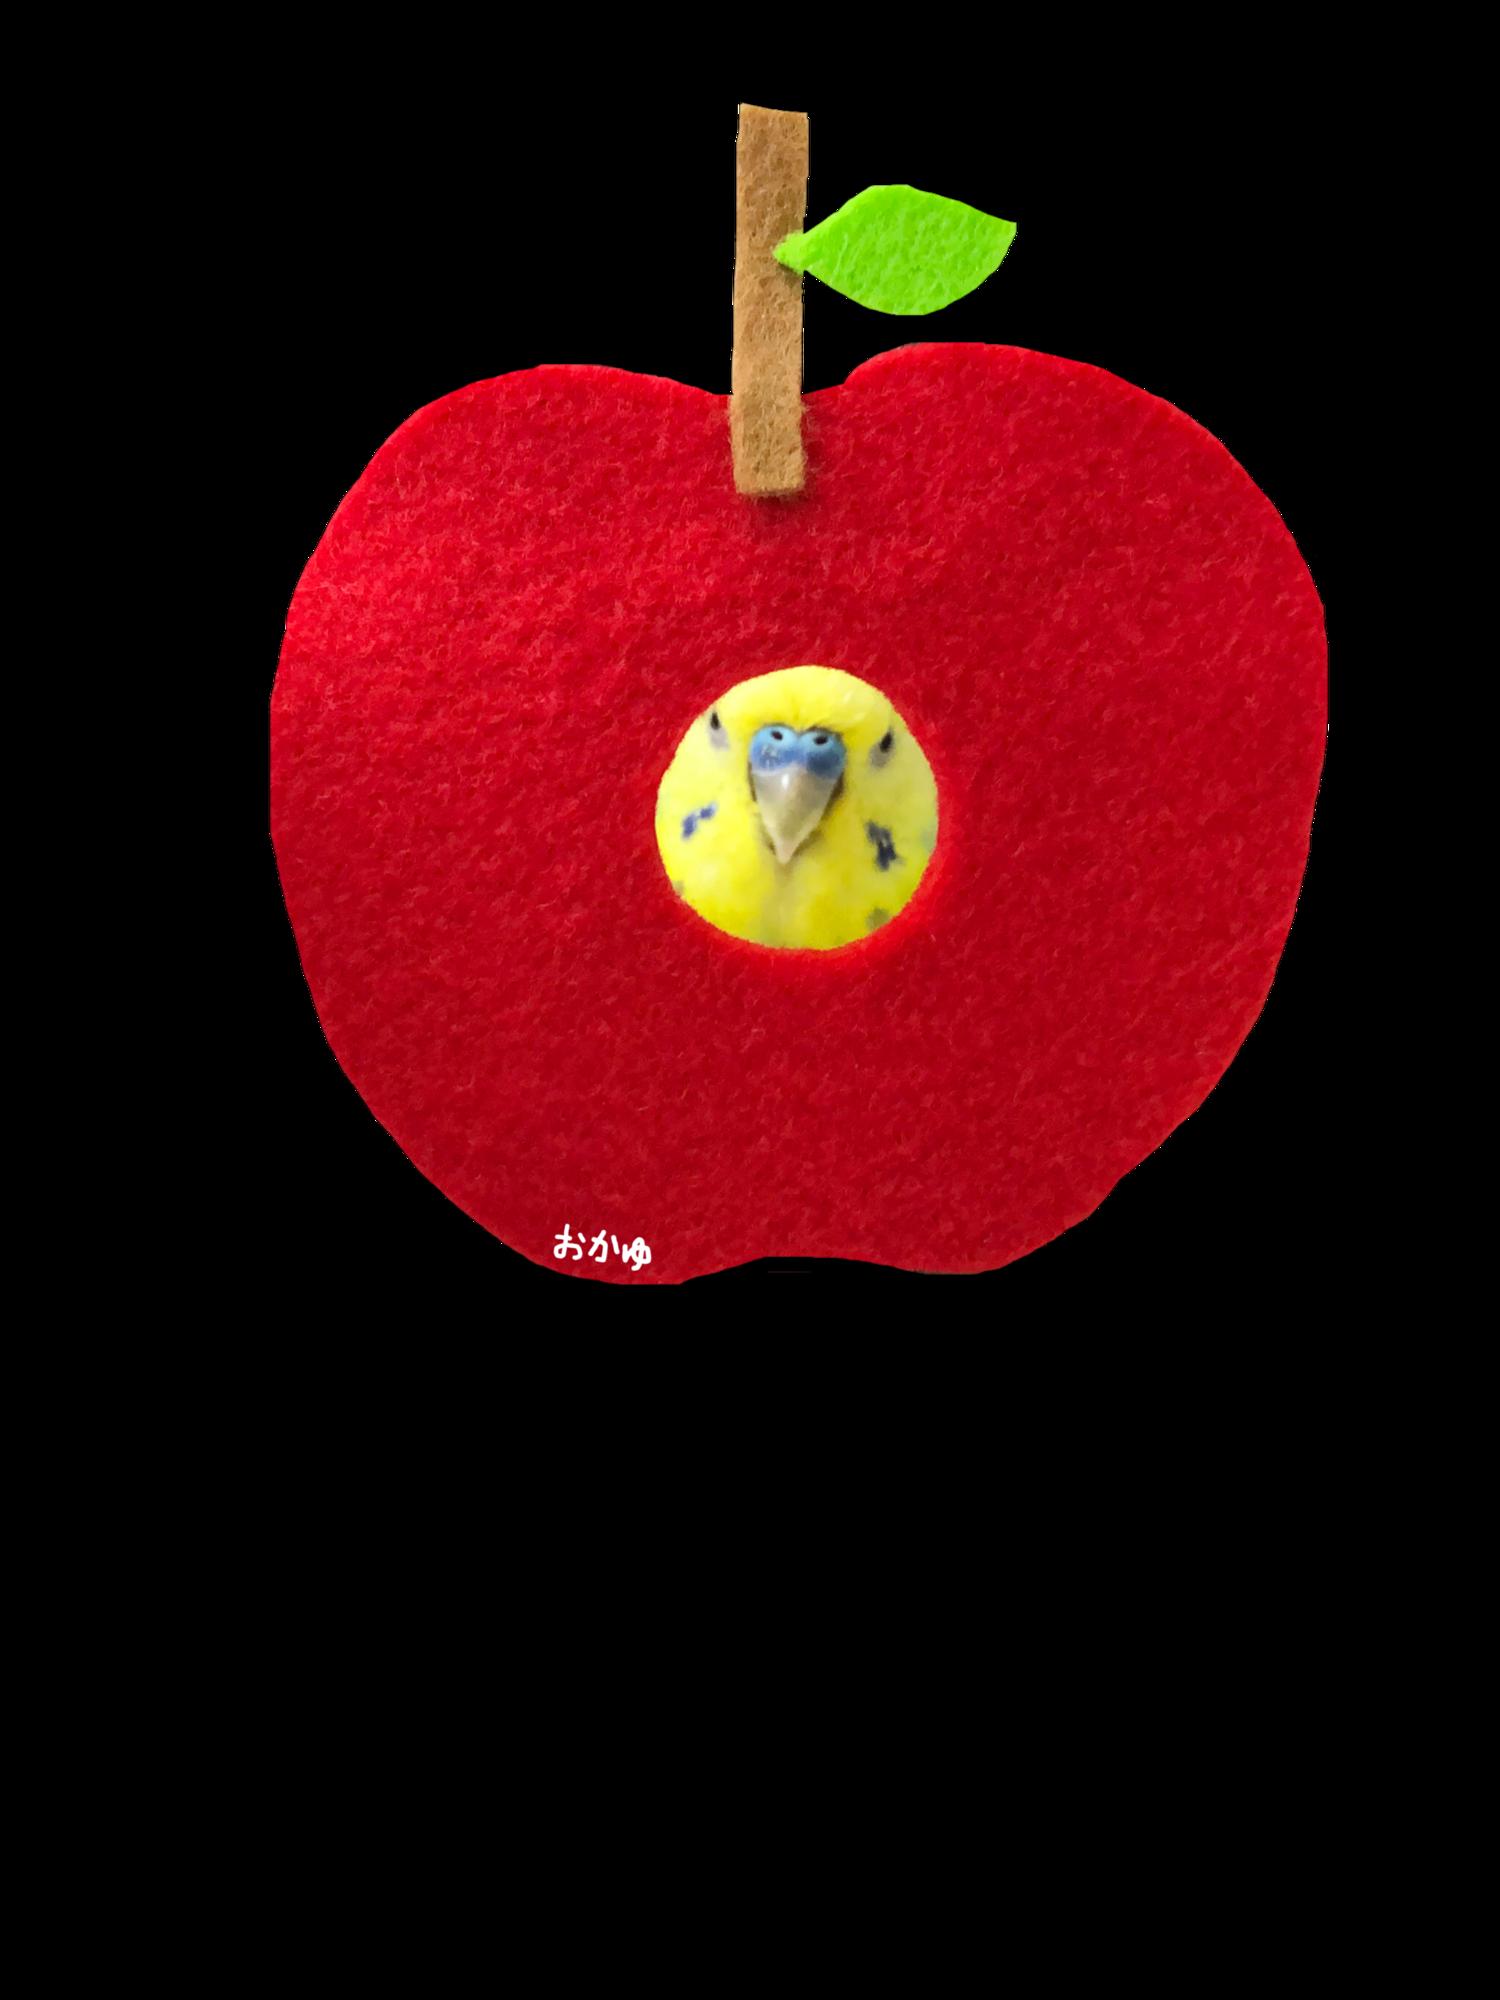 おかゆりんご